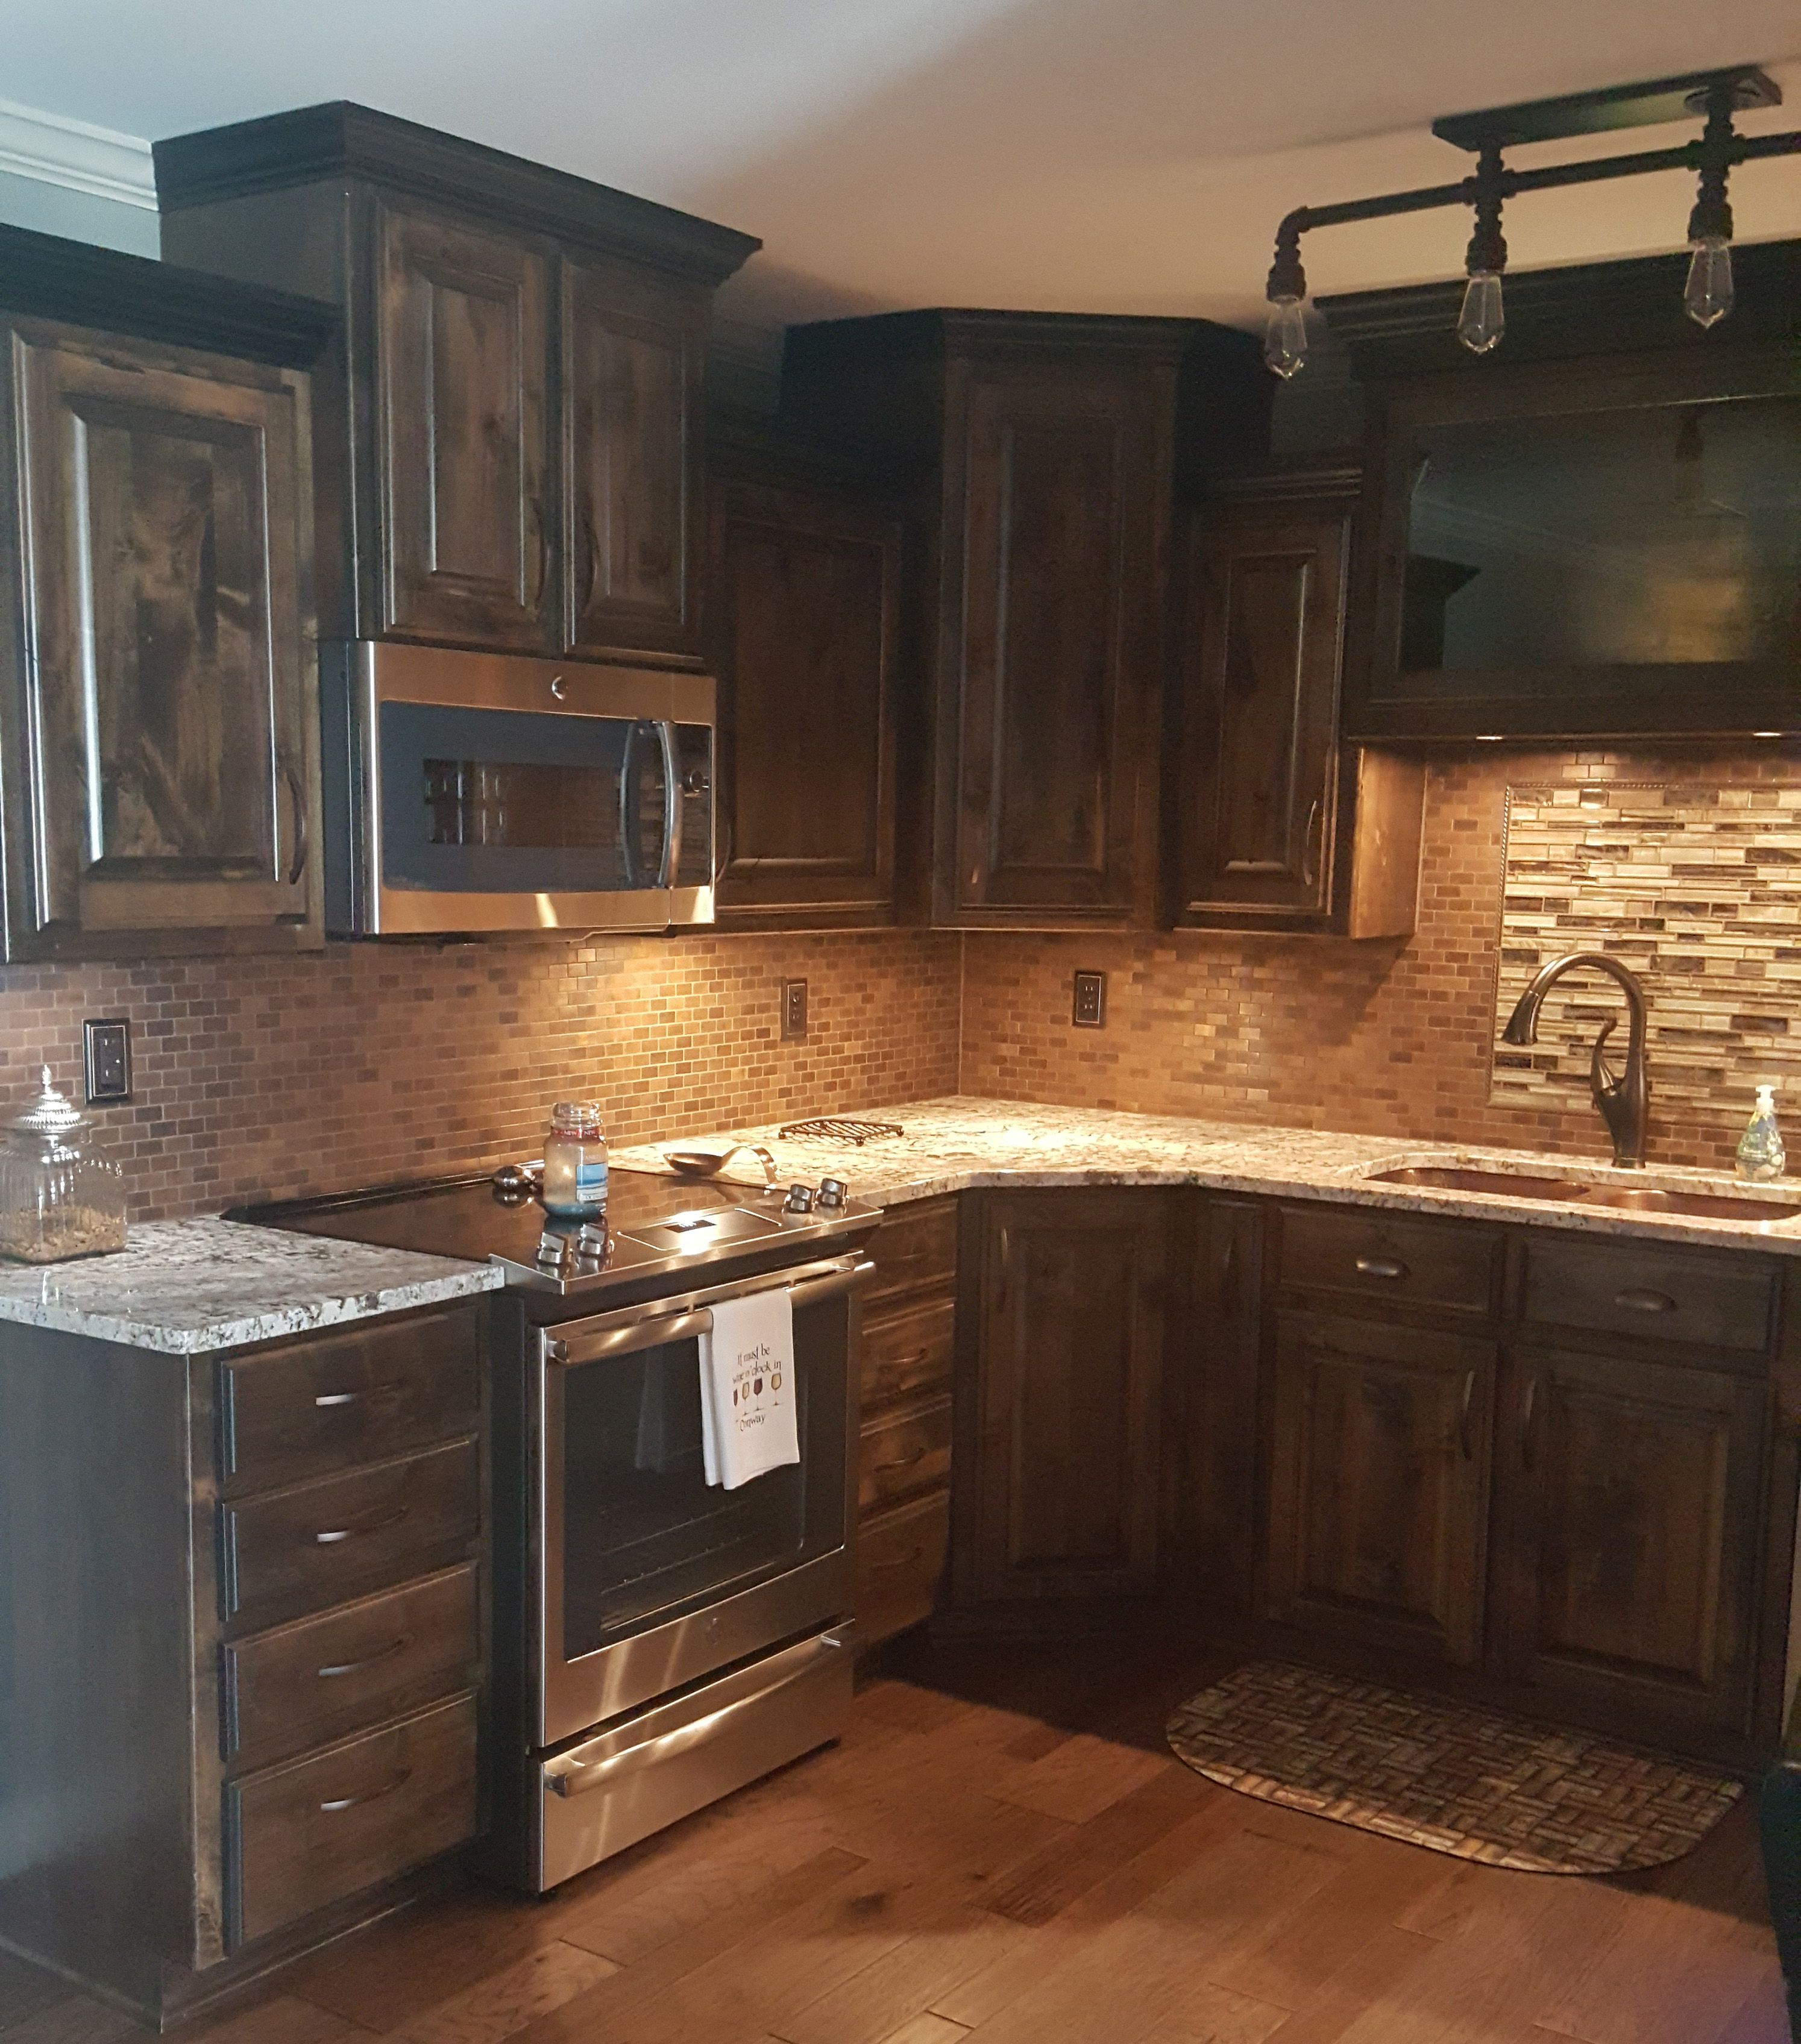 Eden Mosaic Tile Medium Brick Antique Copper Mosaic Tile Emt T13 Cop At Kitchen Design Countertops Rustic Kitchen Copper Mosaic Tile